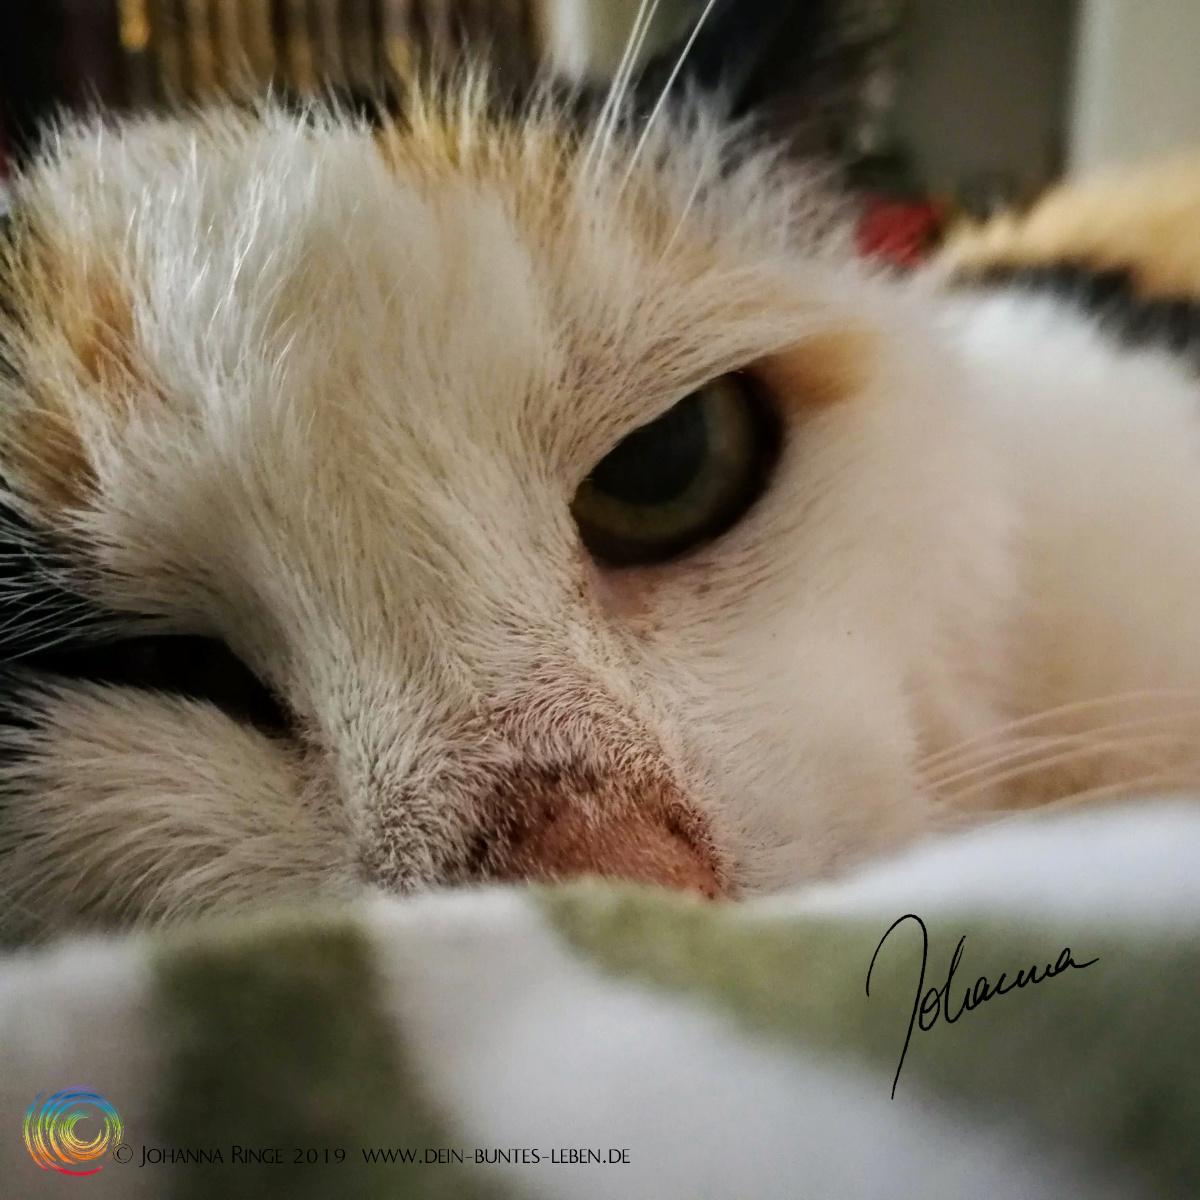 Meine Katze fehlt mir. Nahaufnahme von Leilas Gesicht. ©Johanna Ringe 2019 www.dein-buntes-leben.de